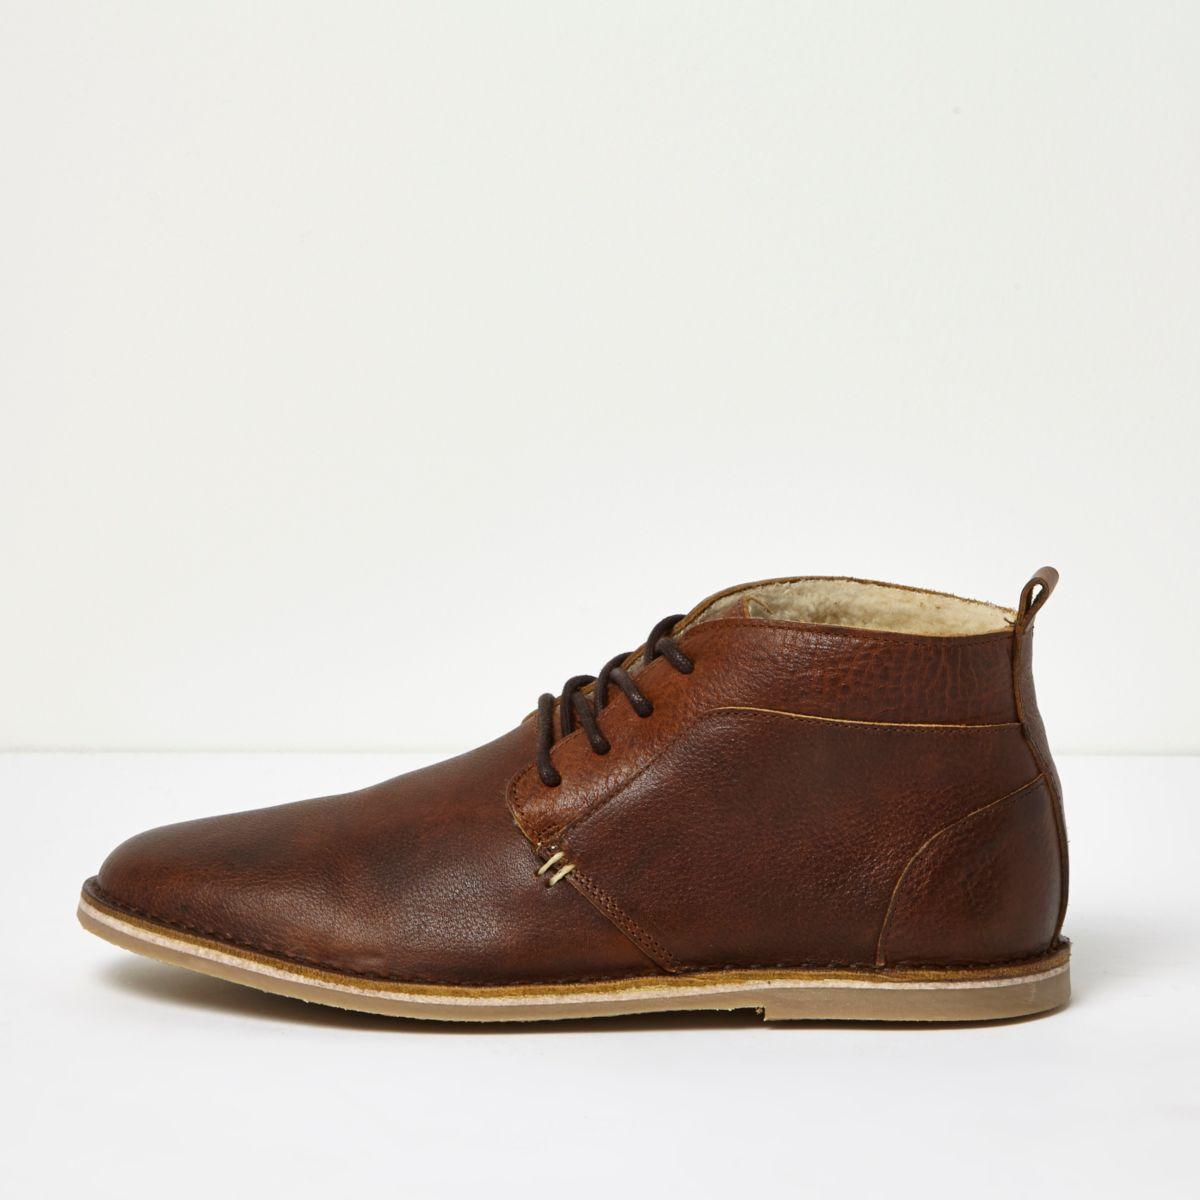 braune gef tterte desert boots aus leder stiefel. Black Bedroom Furniture Sets. Home Design Ideas